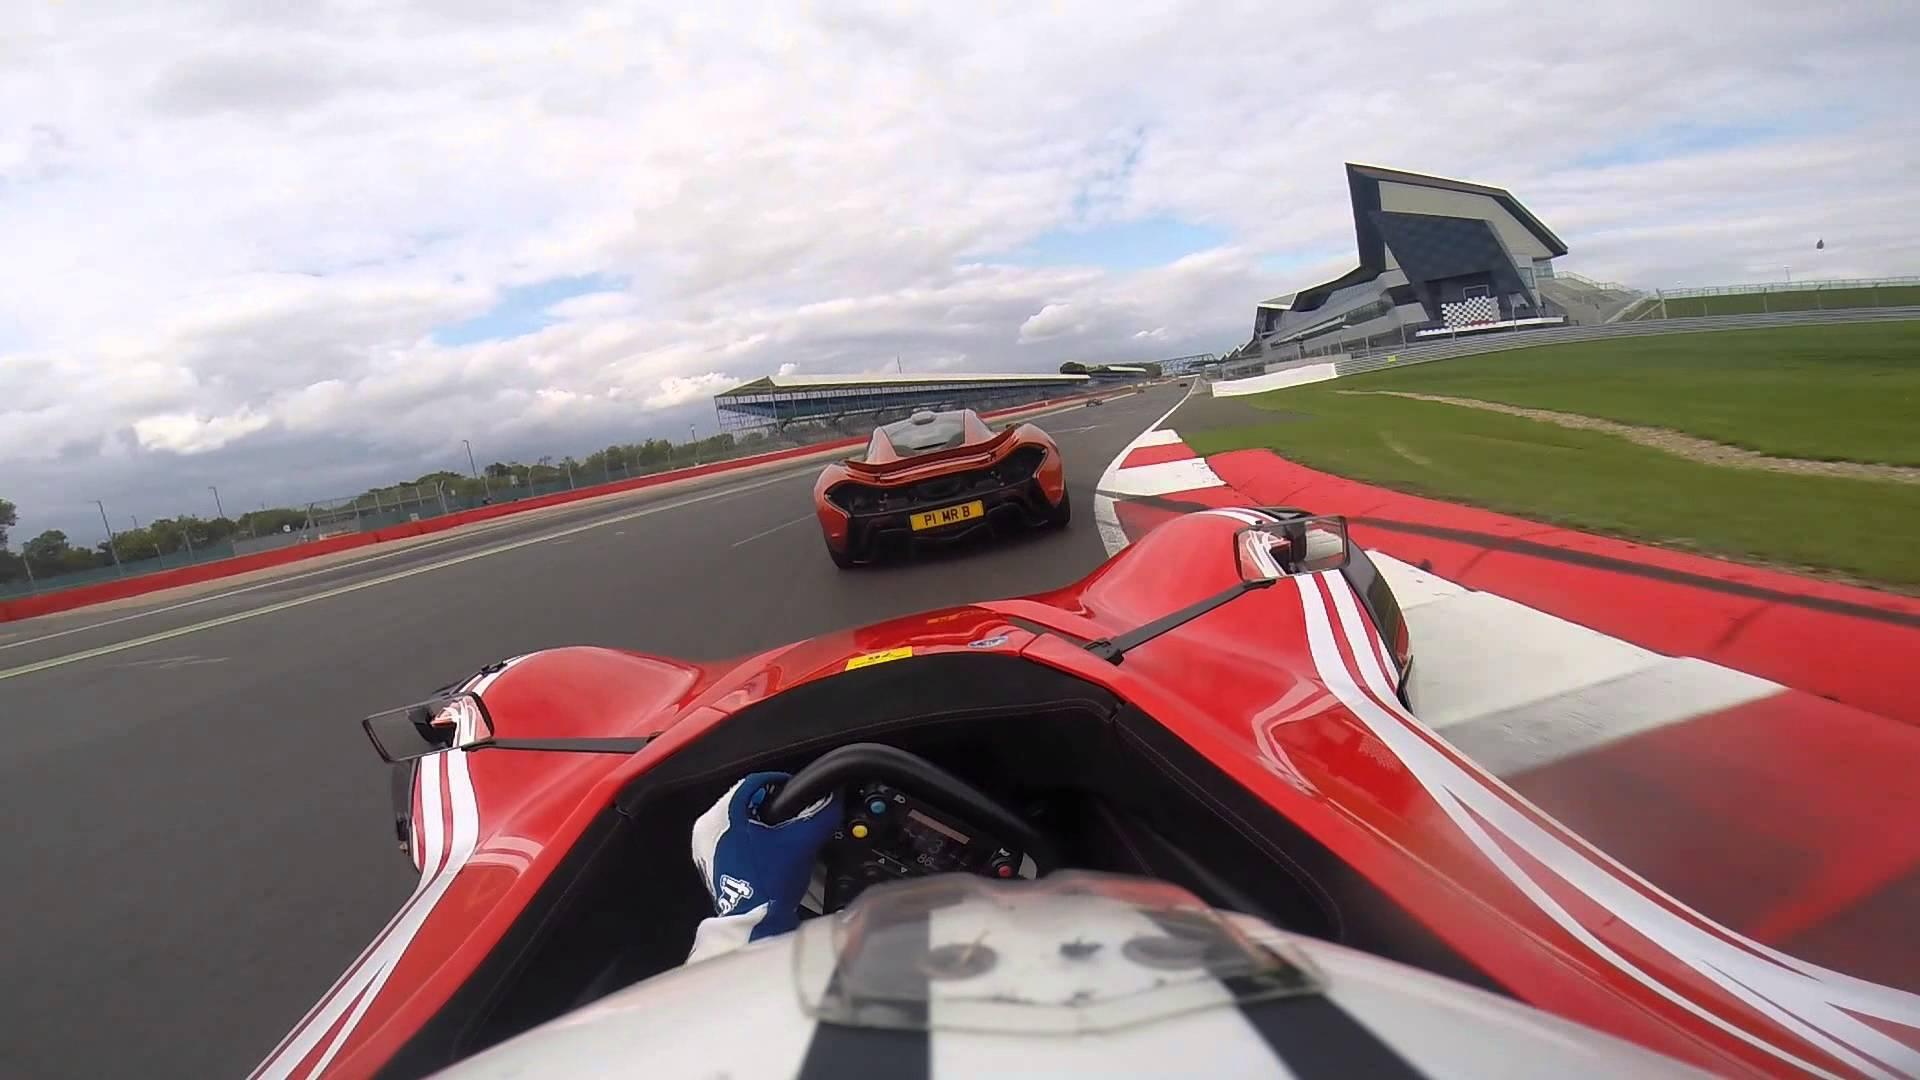 Bac Mono For Sale >> Video: McLaren P1 vs BAC Mono Hot Lap at the Silverstone Circuit - GTspirit